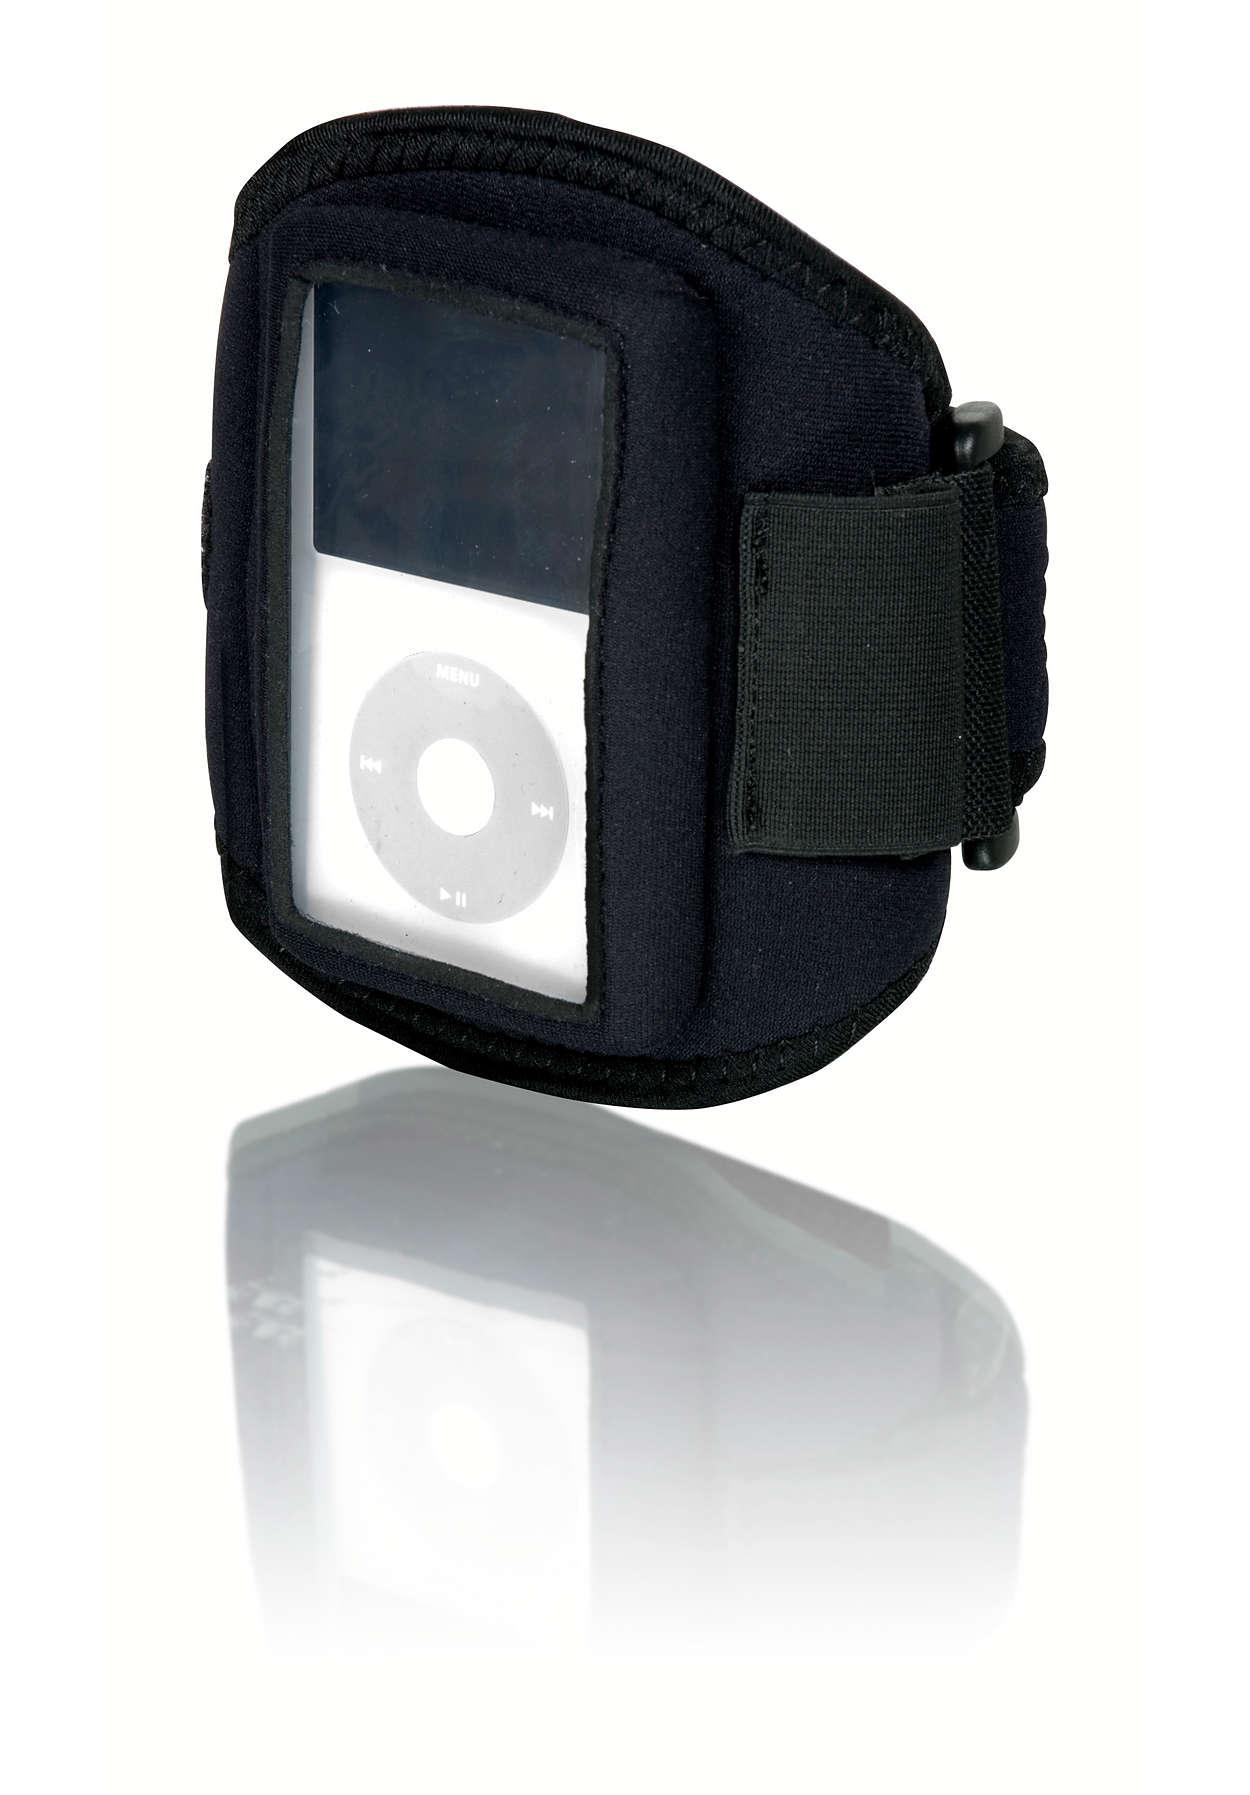 Namáhajte sa s prehrávačom iPod Video